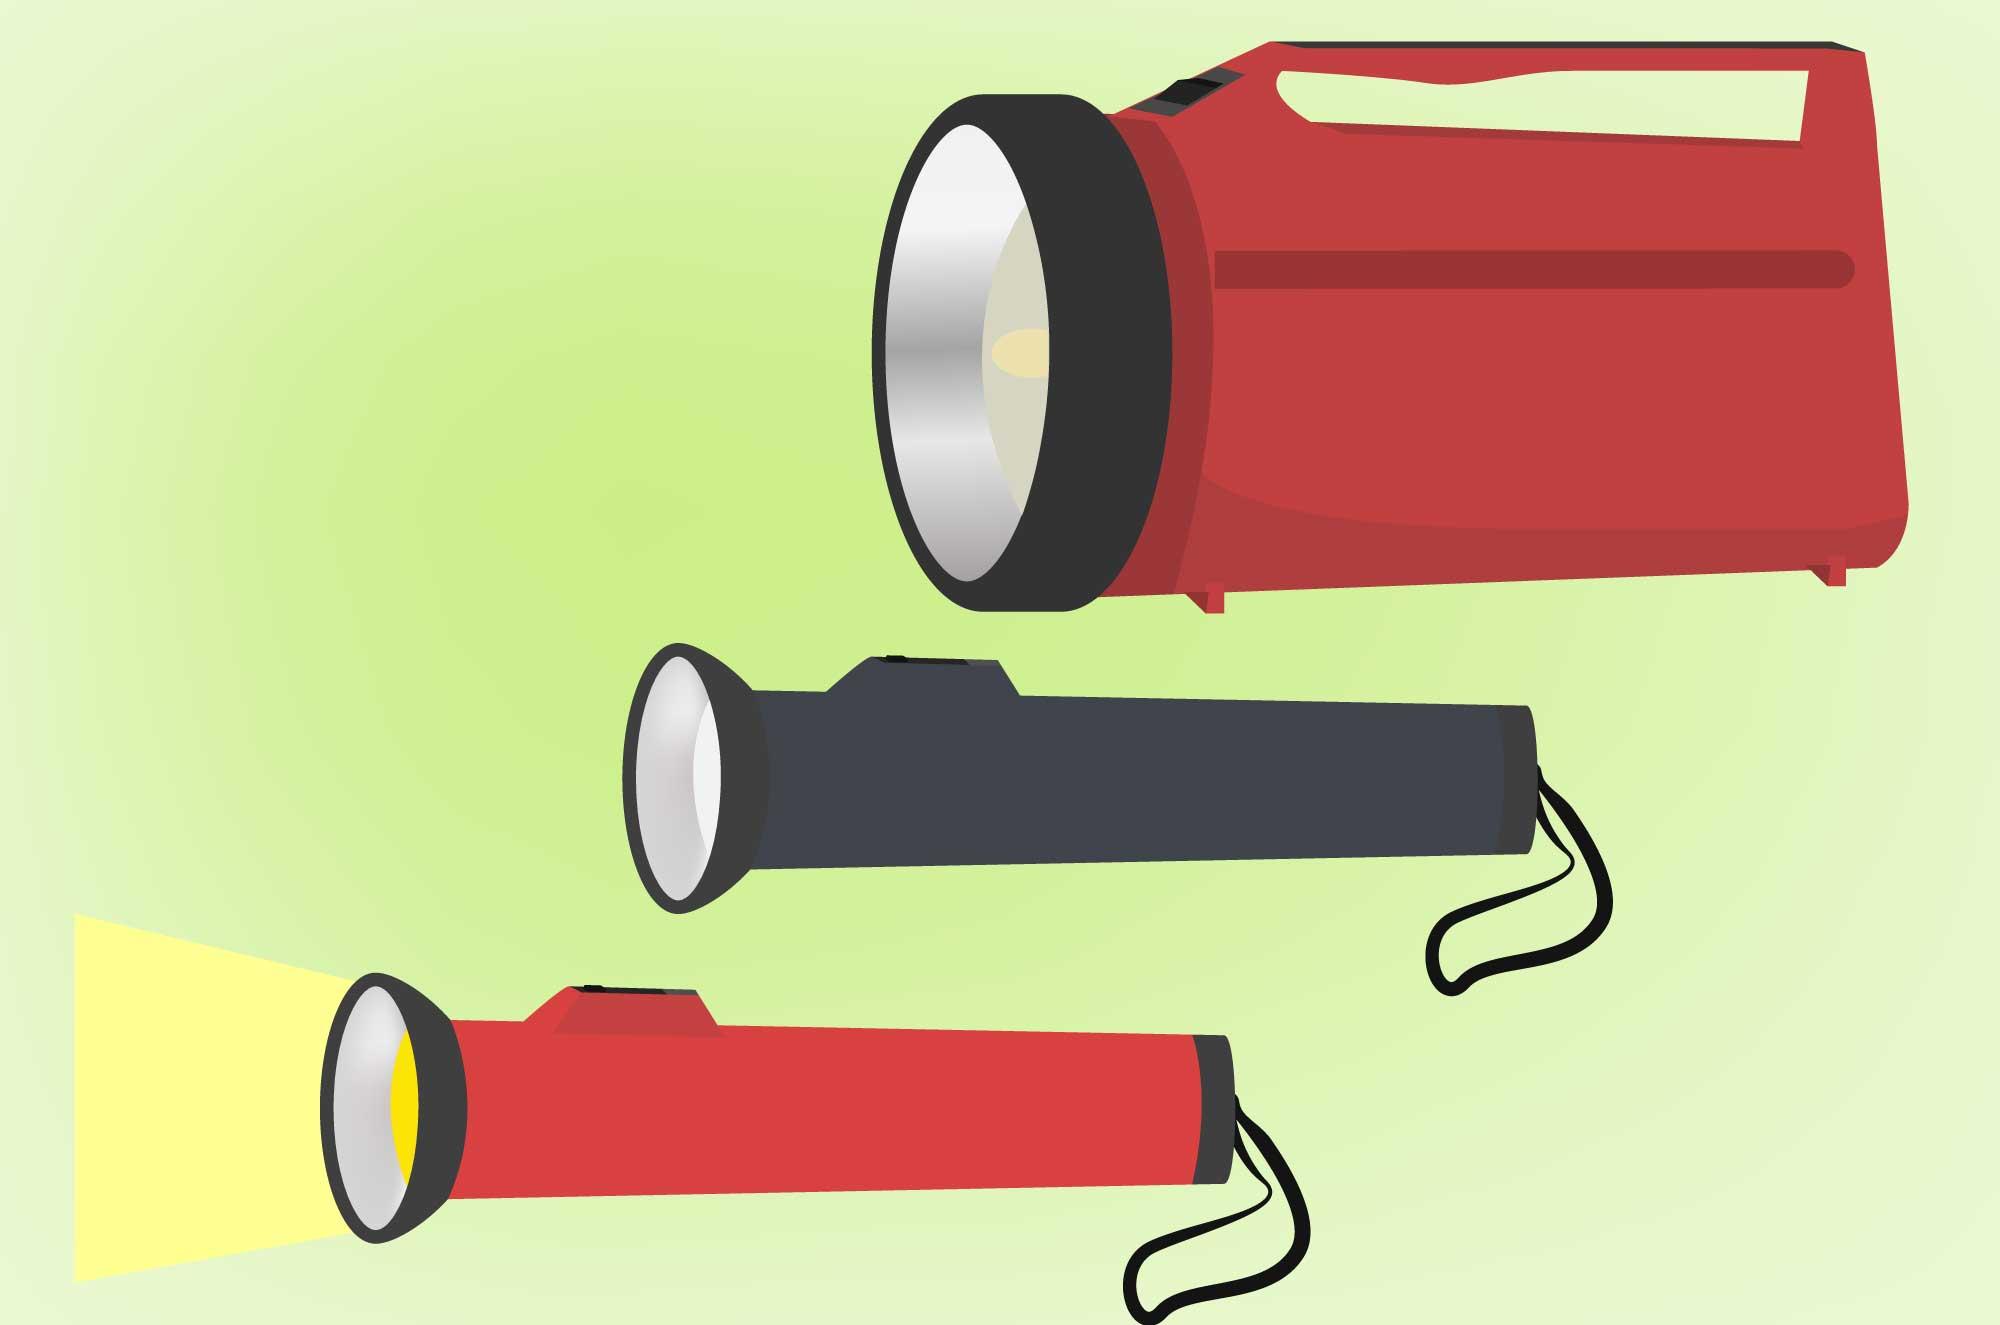 懐中電灯のイラスト - 非常用・防災アイテム素材